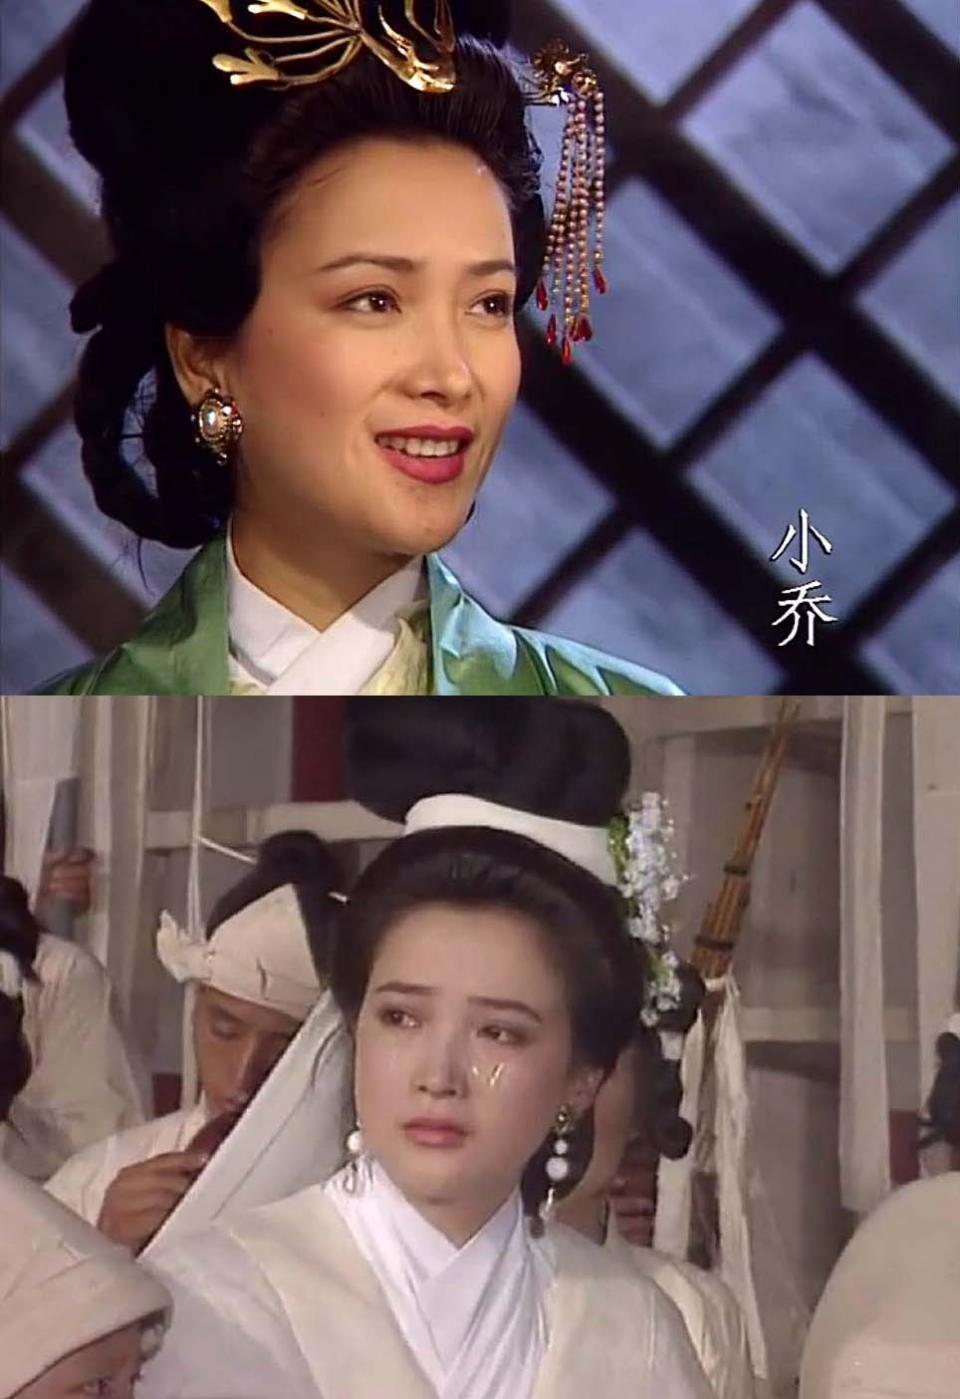 唯一演遍四大名著的女演员,琼瑶金庸剧也都有她,到底什么颜值